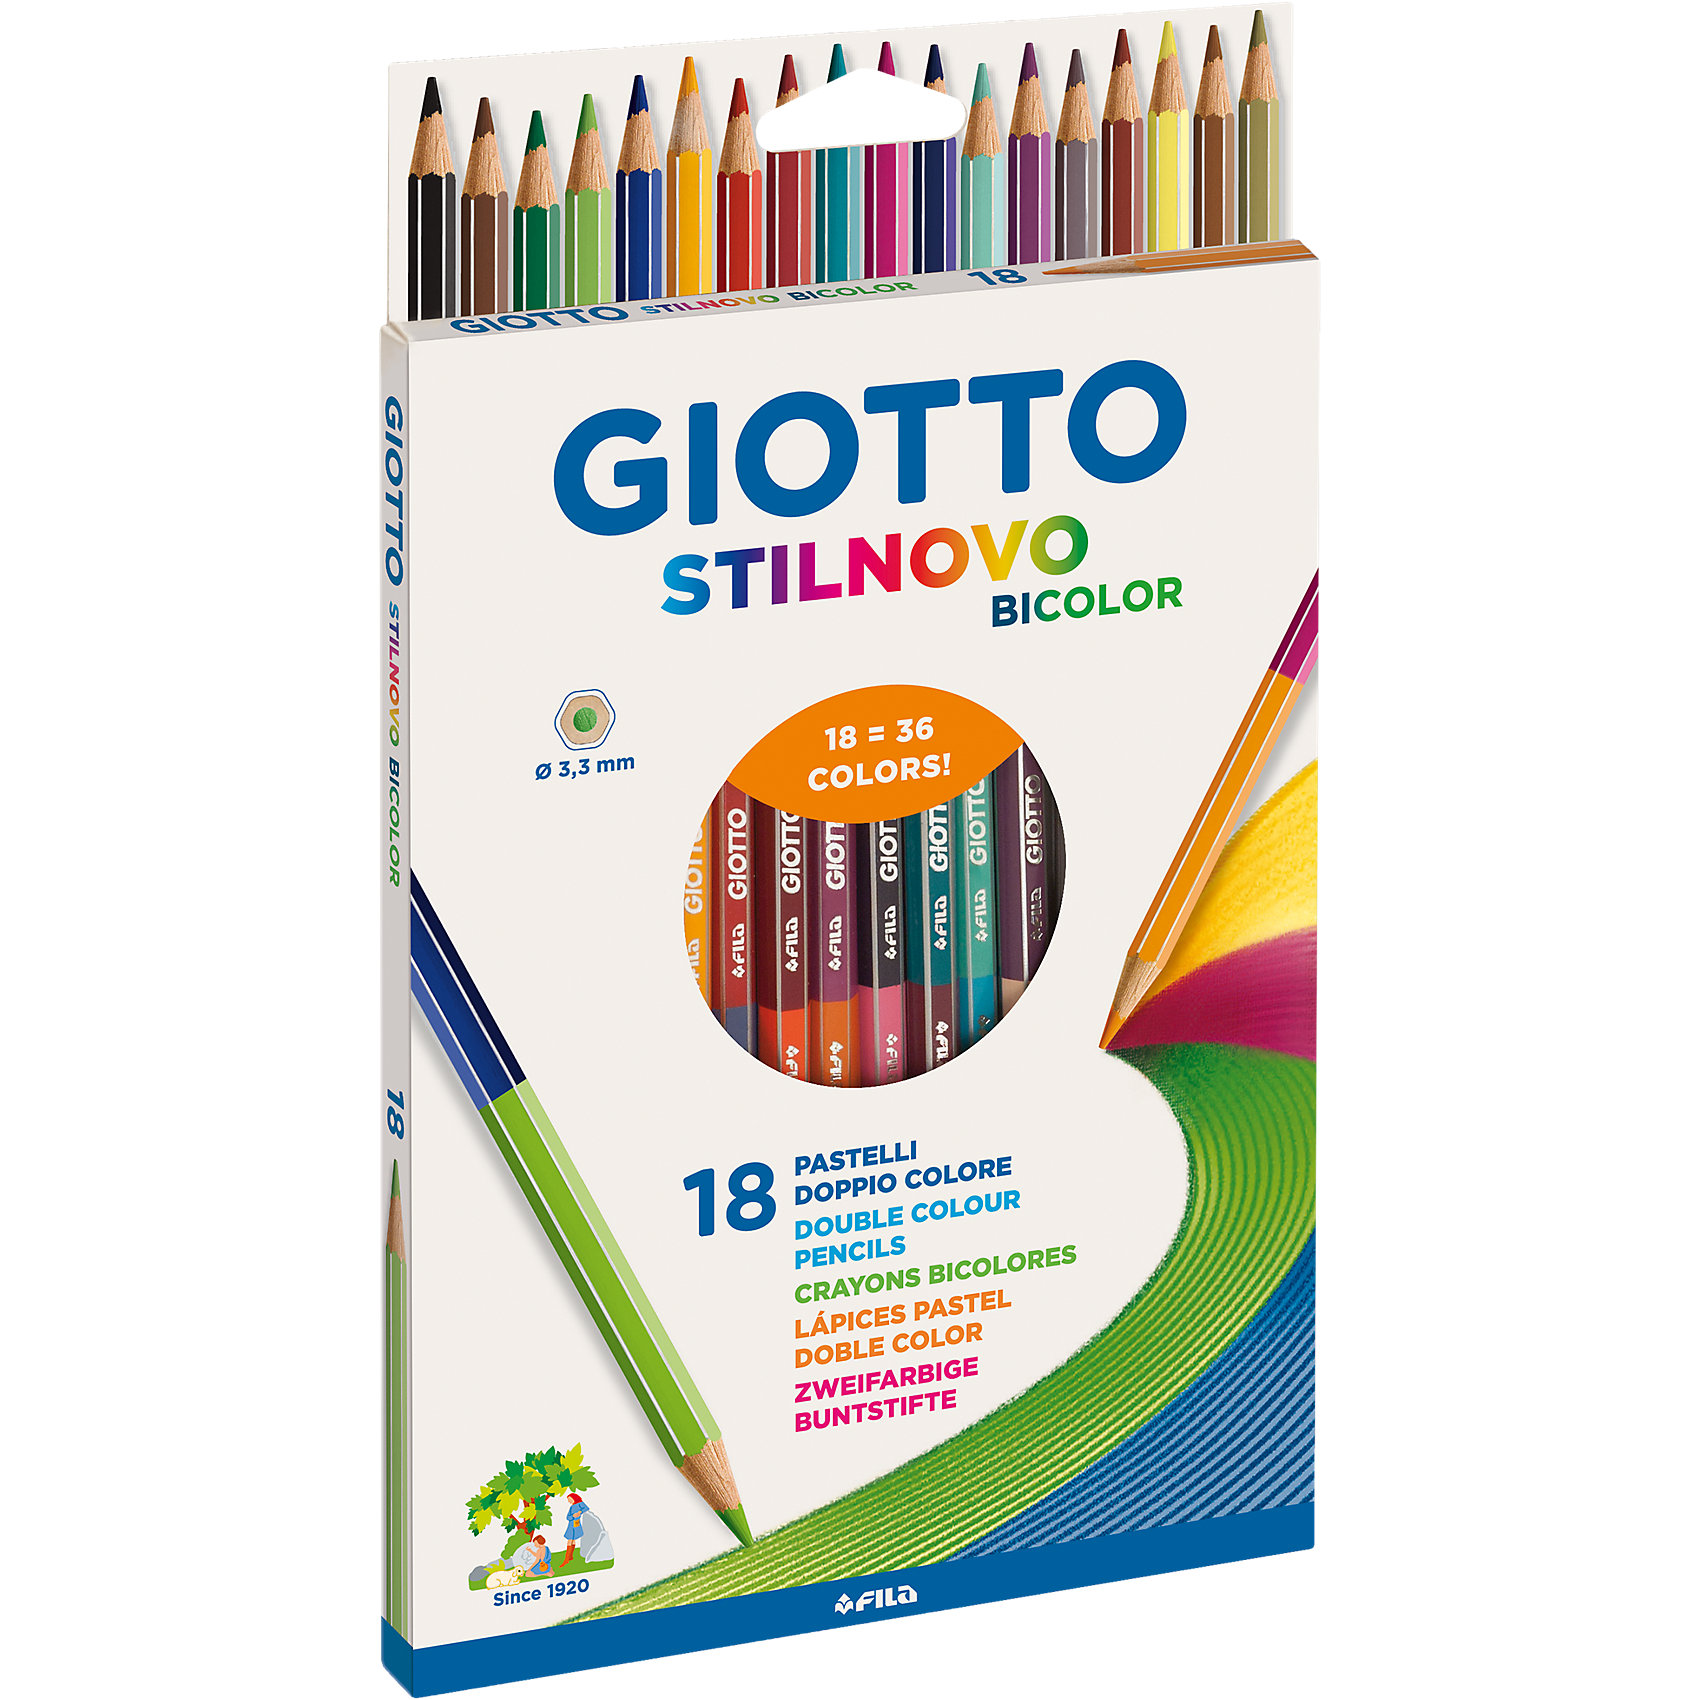 Двухсторонние цветные карандаши, 18 штук, 36 цвета.Рисование<br>Двусторонние цветные деревянные карандашии, 18 шт=36 цв. Гексагональной формы. Изготовлены из сертифицированной древесины. Легко и экономично затачиваются, не крошатся. Толщина грифеля - 3,3 мм. Яркие насыщенные цвета, максимально мягкое рисование. На корпусе карандаша имеется место для персонализации. Экономят место в пенале. Идеально подходят для школы.<br><br>Ширина мм: 217<br>Глубина мм: 134<br>Высота мм: 12<br>Вес г: 115<br>Возраст от месяцев: 60<br>Возраст до месяцев: 1188<br>Пол: Унисекс<br>Возраст: Детский<br>SKU: 4194384